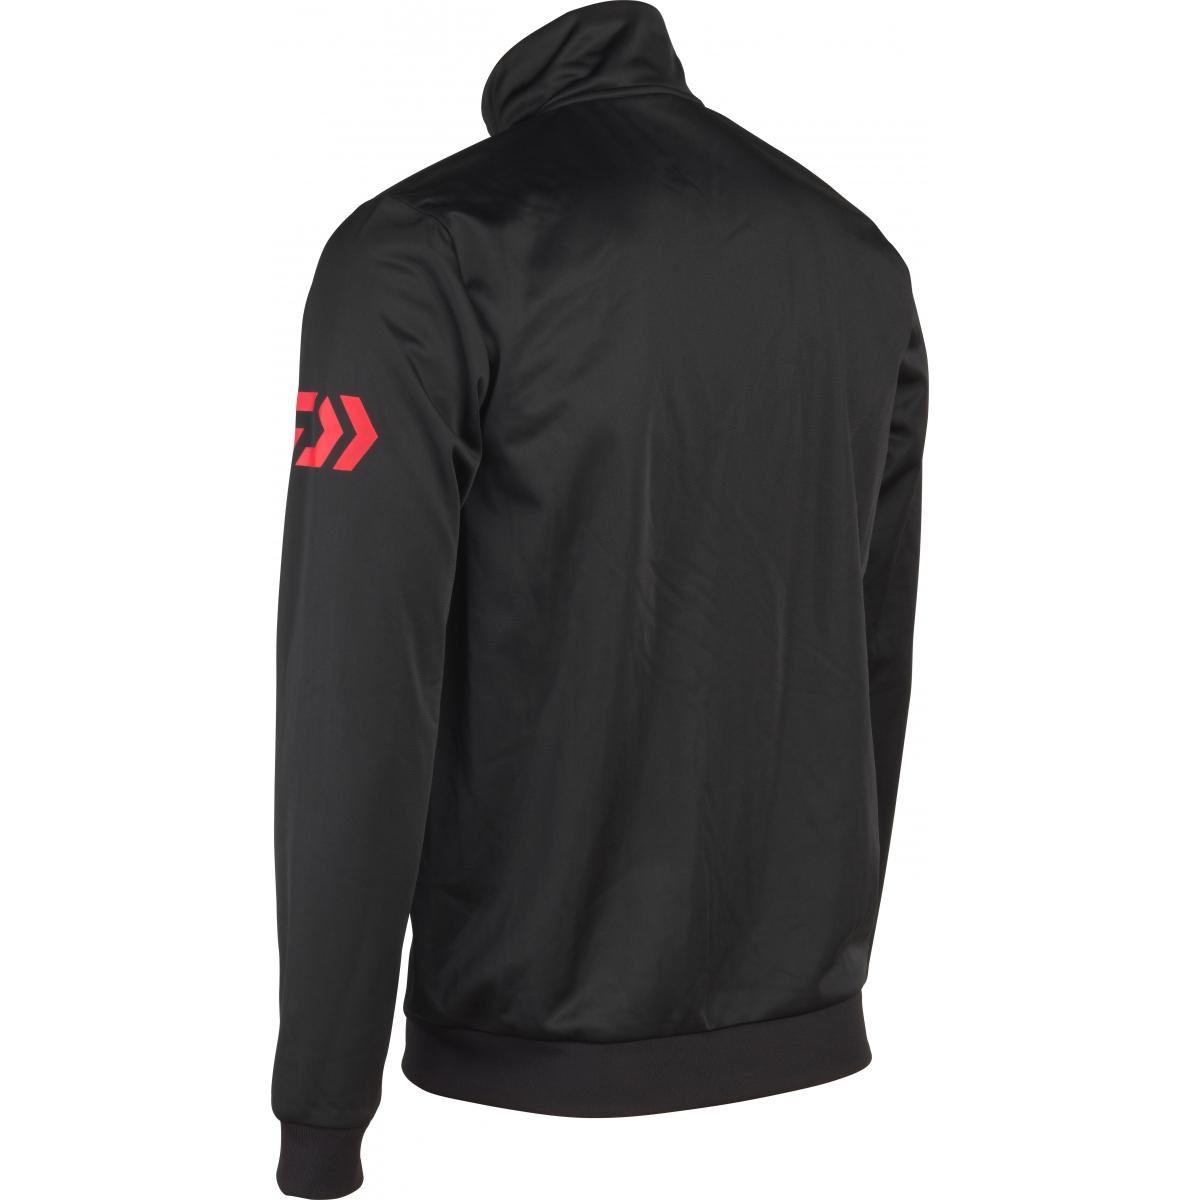 Veste sportware DAIWA zippée - noir et rouge